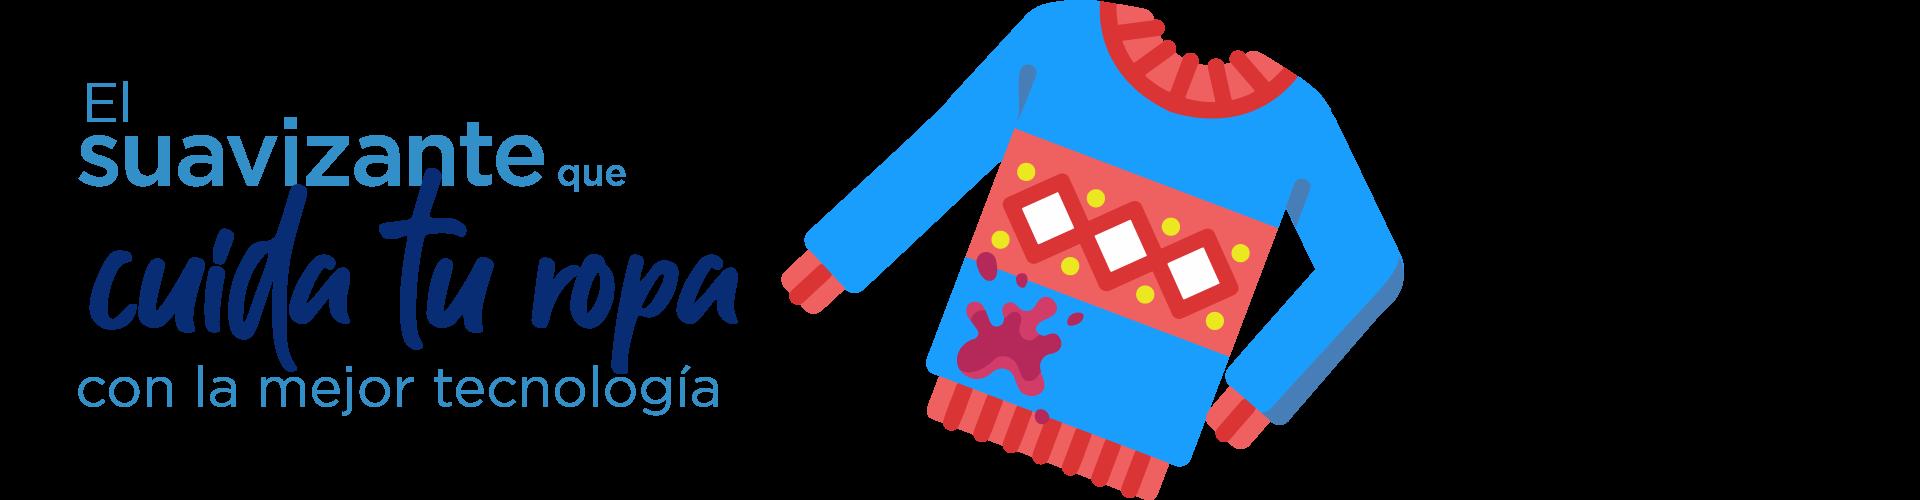 El suavizante que cuida tu ropa con la mejor tecnología